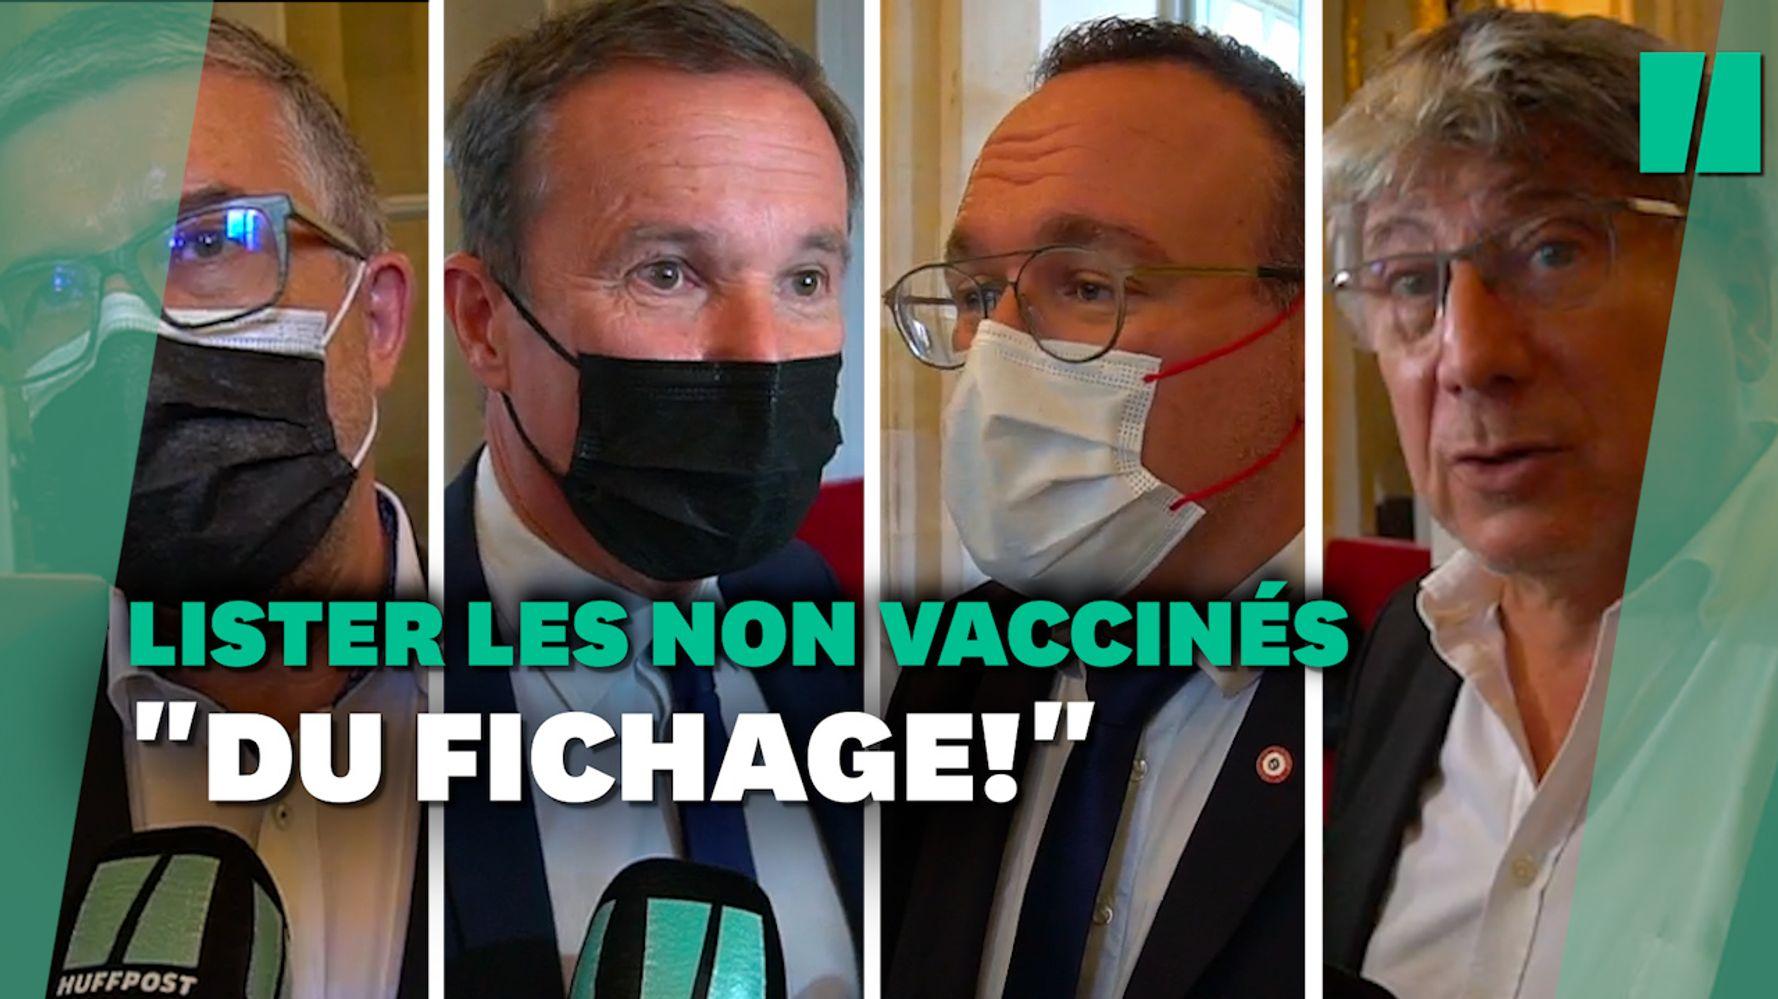 Le médecin traitant aura-t-il accès à la liste de ses patients non vaccinés?